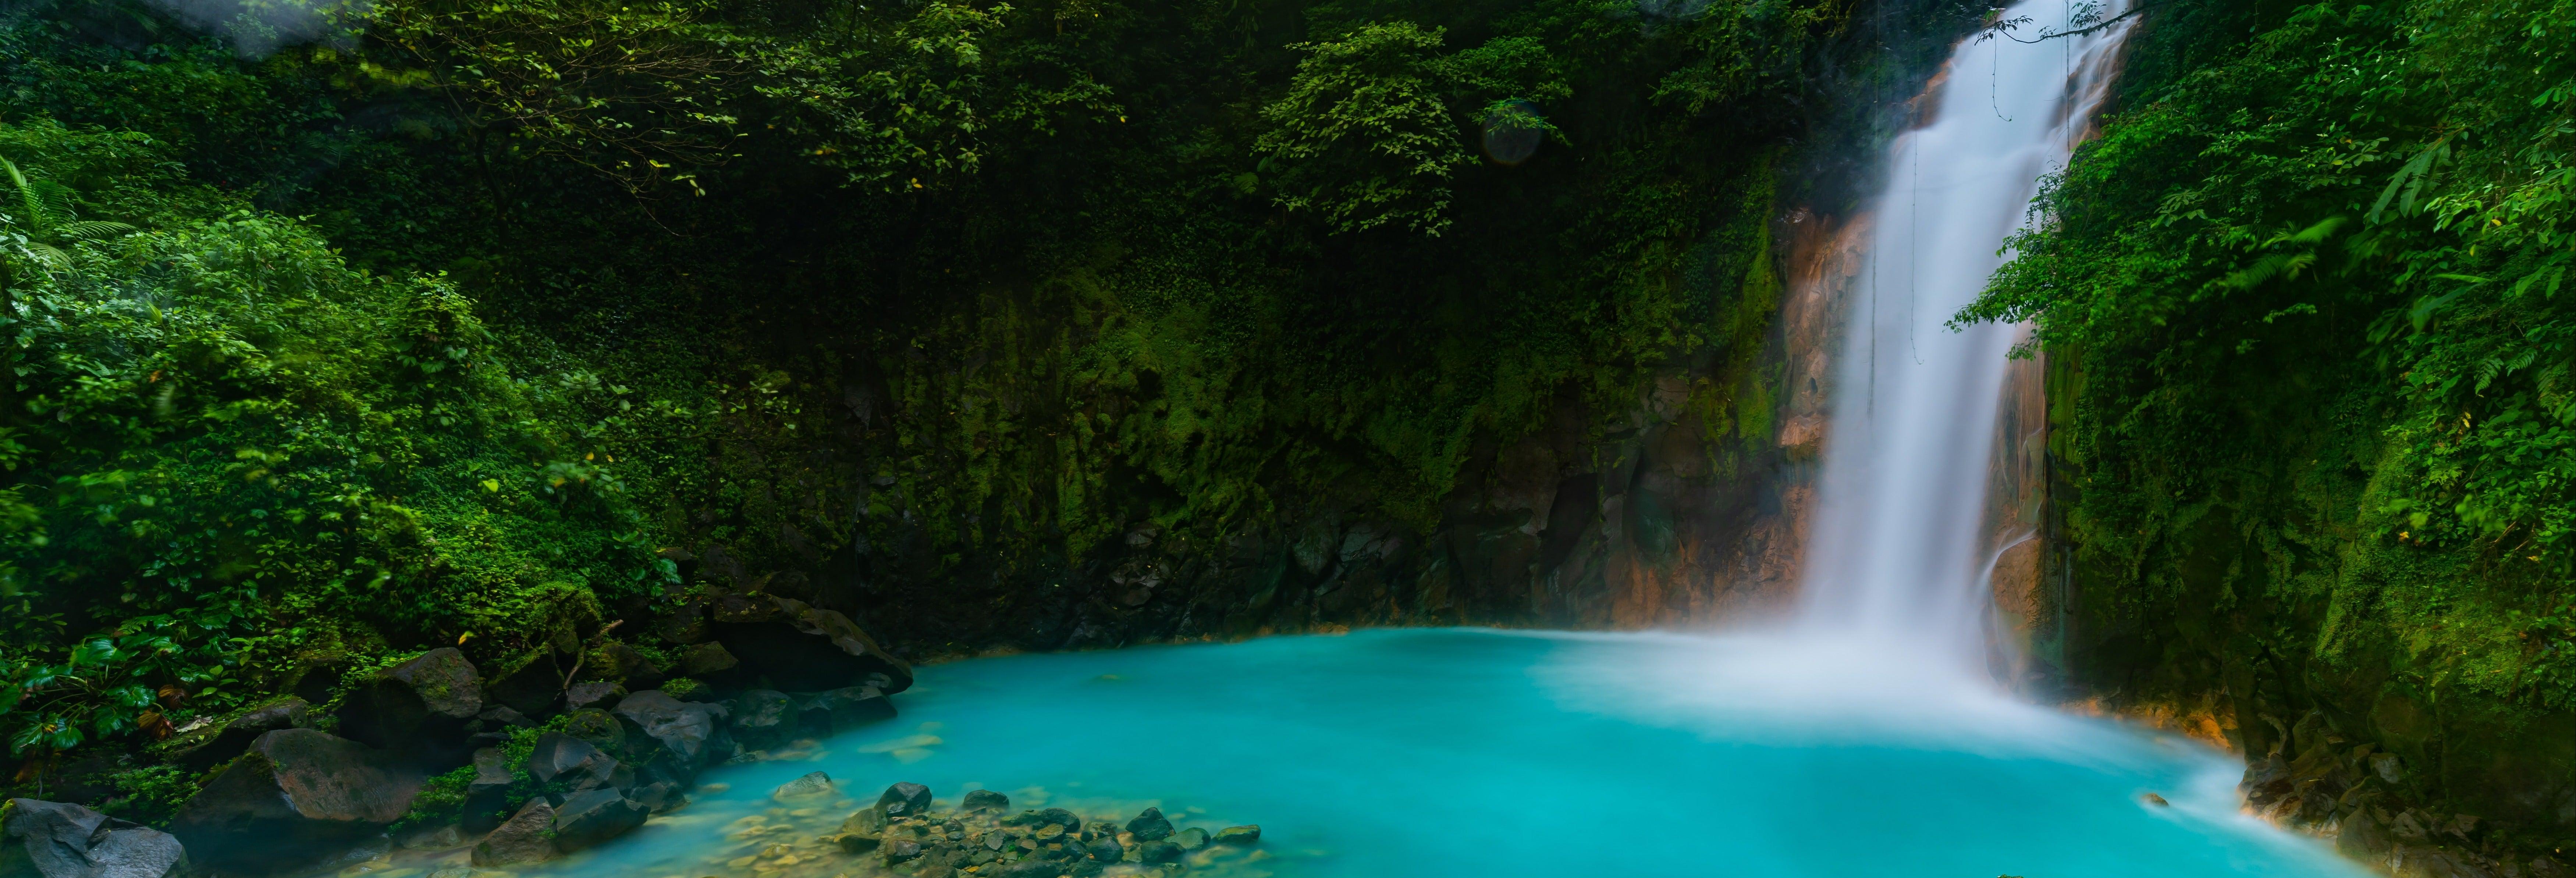 Senderismo por el río Celeste